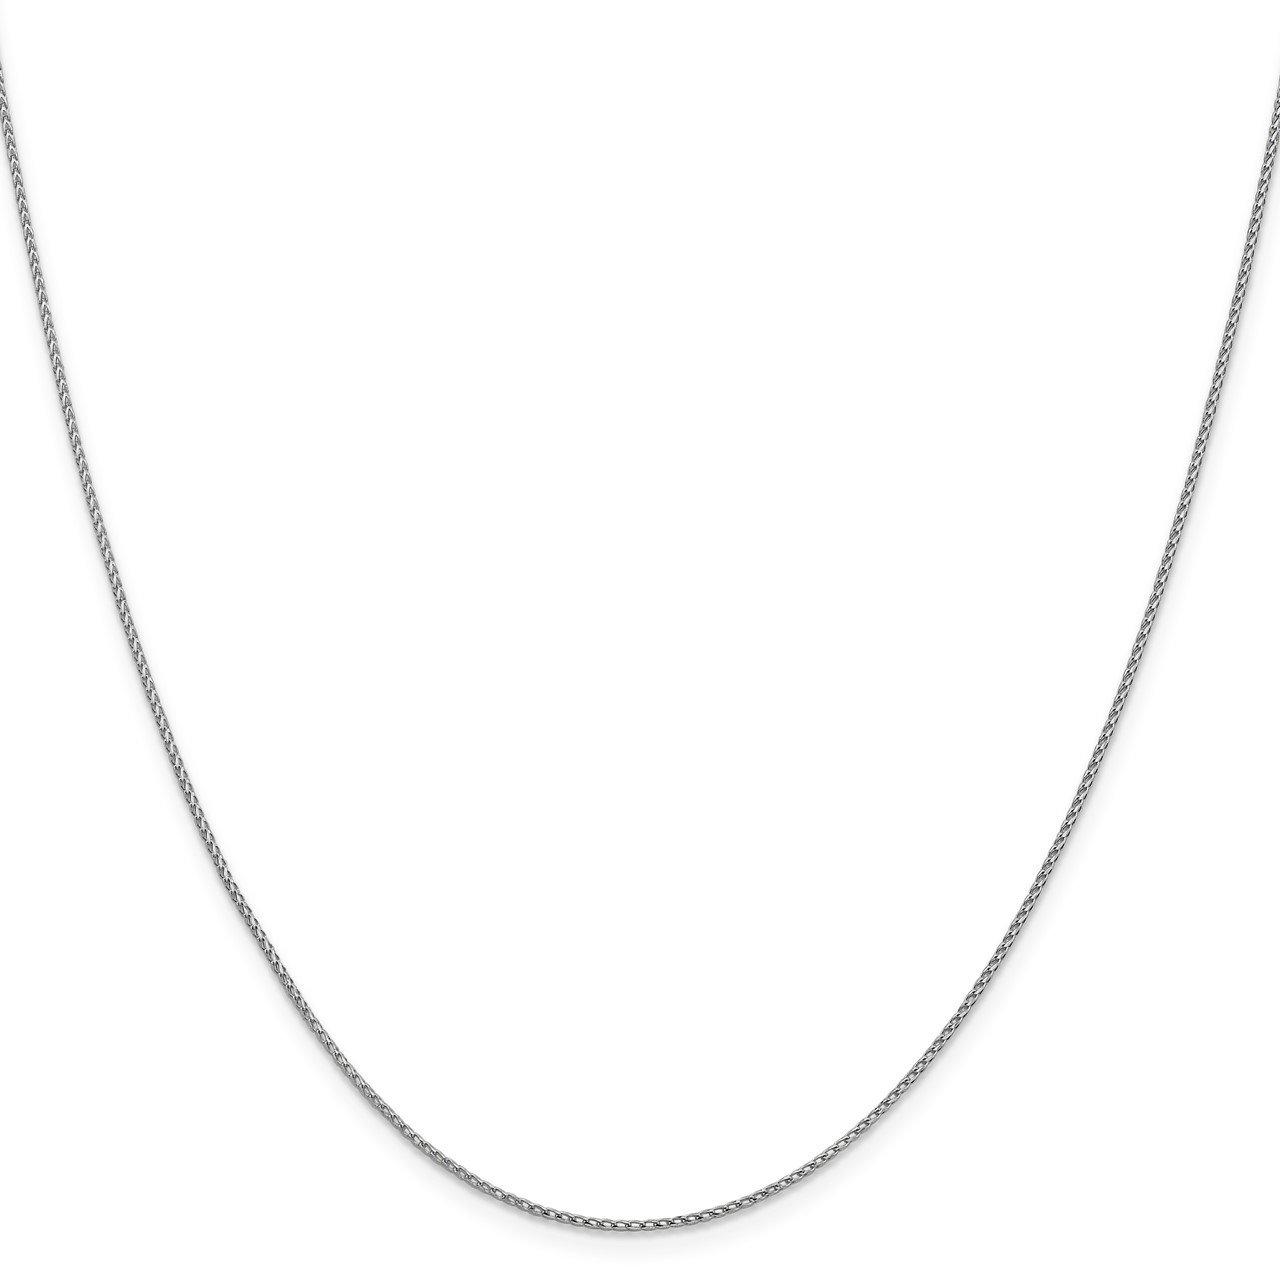 Leslie's 14K White Gold 1mm D/C Open Franco Chain